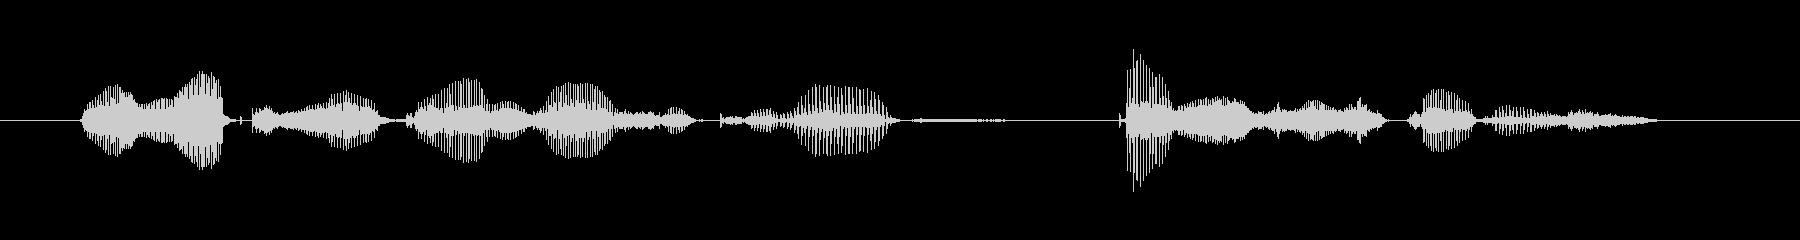 【誕生石】2月の誕生石は、アメジストですの未再生の波形